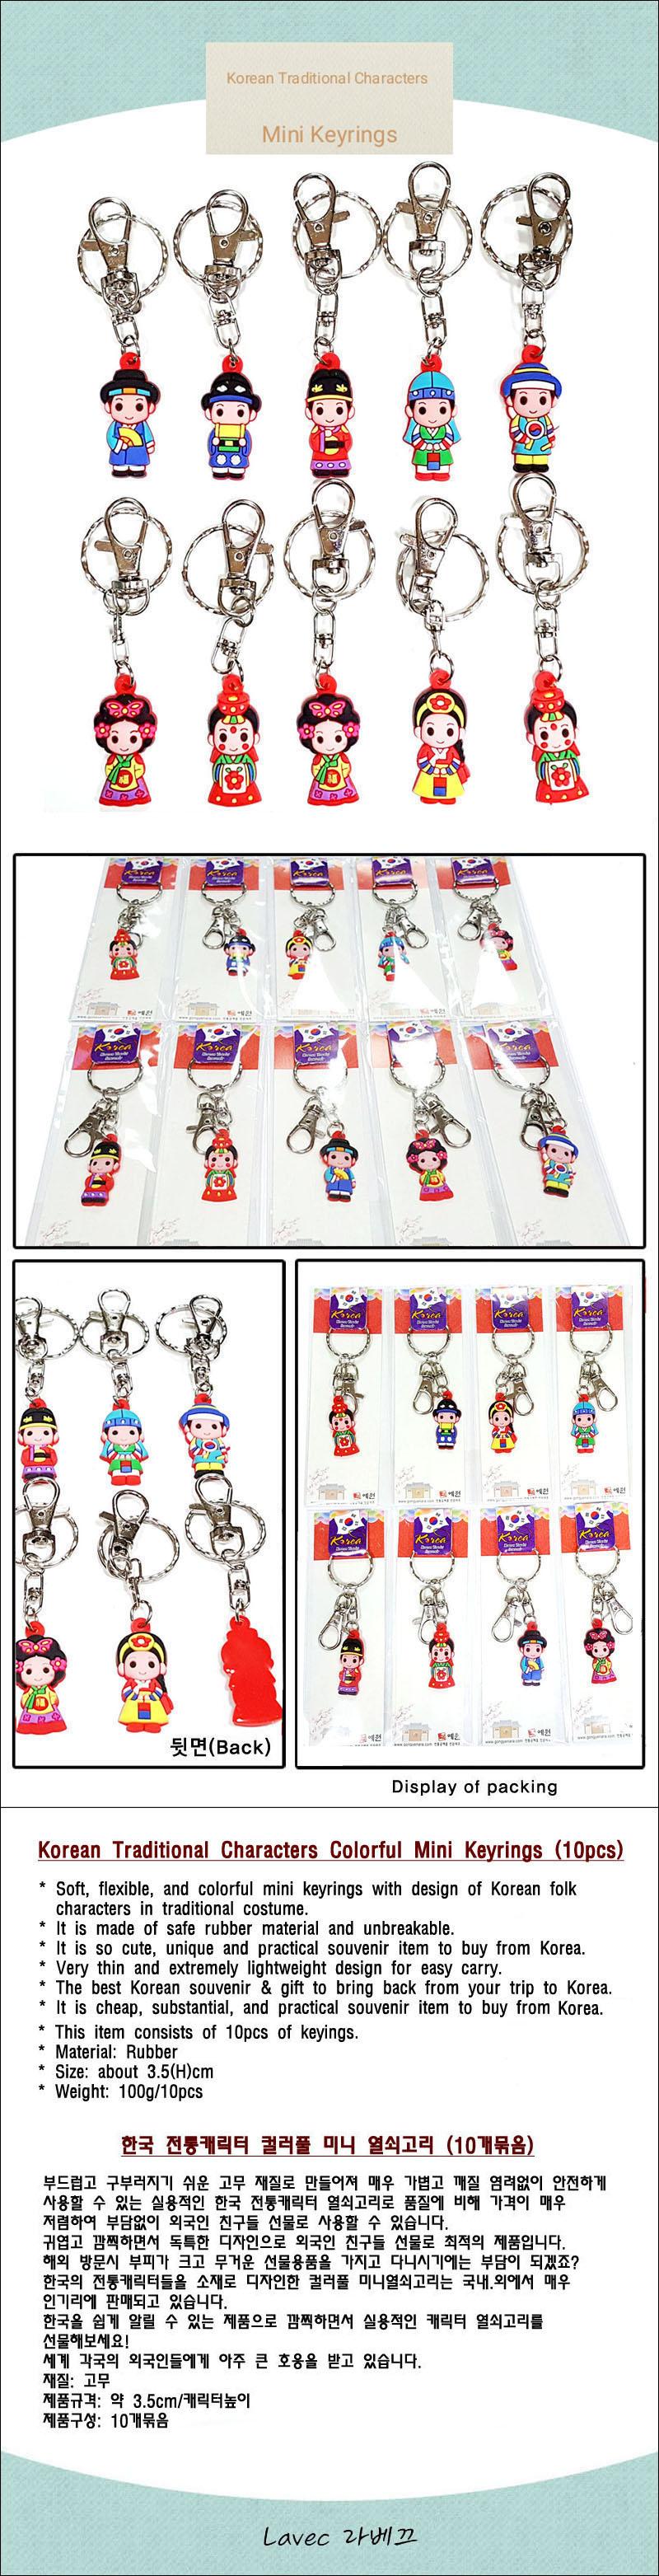 한국전통기념품 캐릭터 컬러풀 미니 열쇠고리(10개묶음) - 라베끄, 11,000원, 열쇠고리/키커버, 디자인키홀더